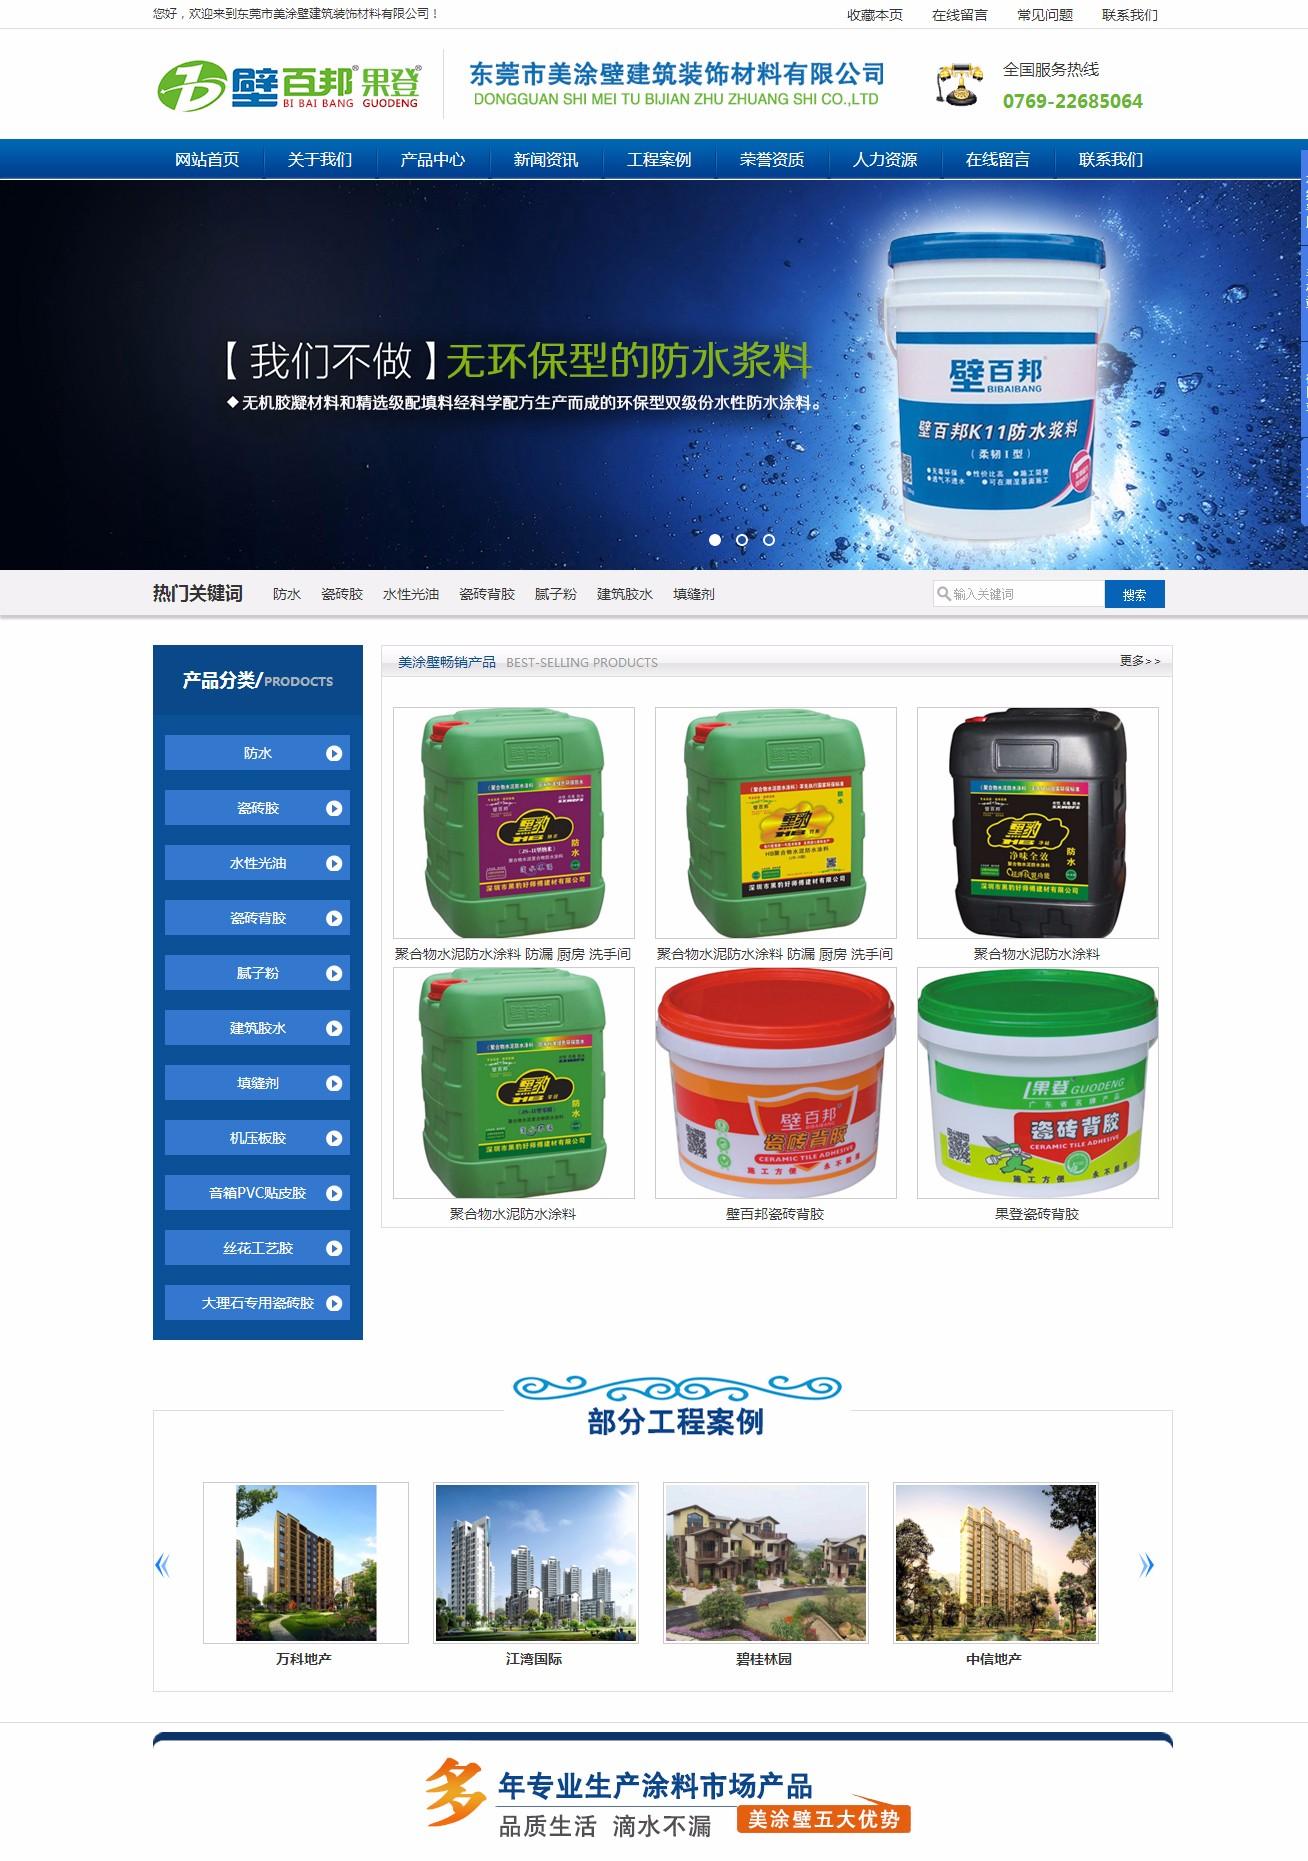 东莞市美涂壁建筑装饰材料有限公司